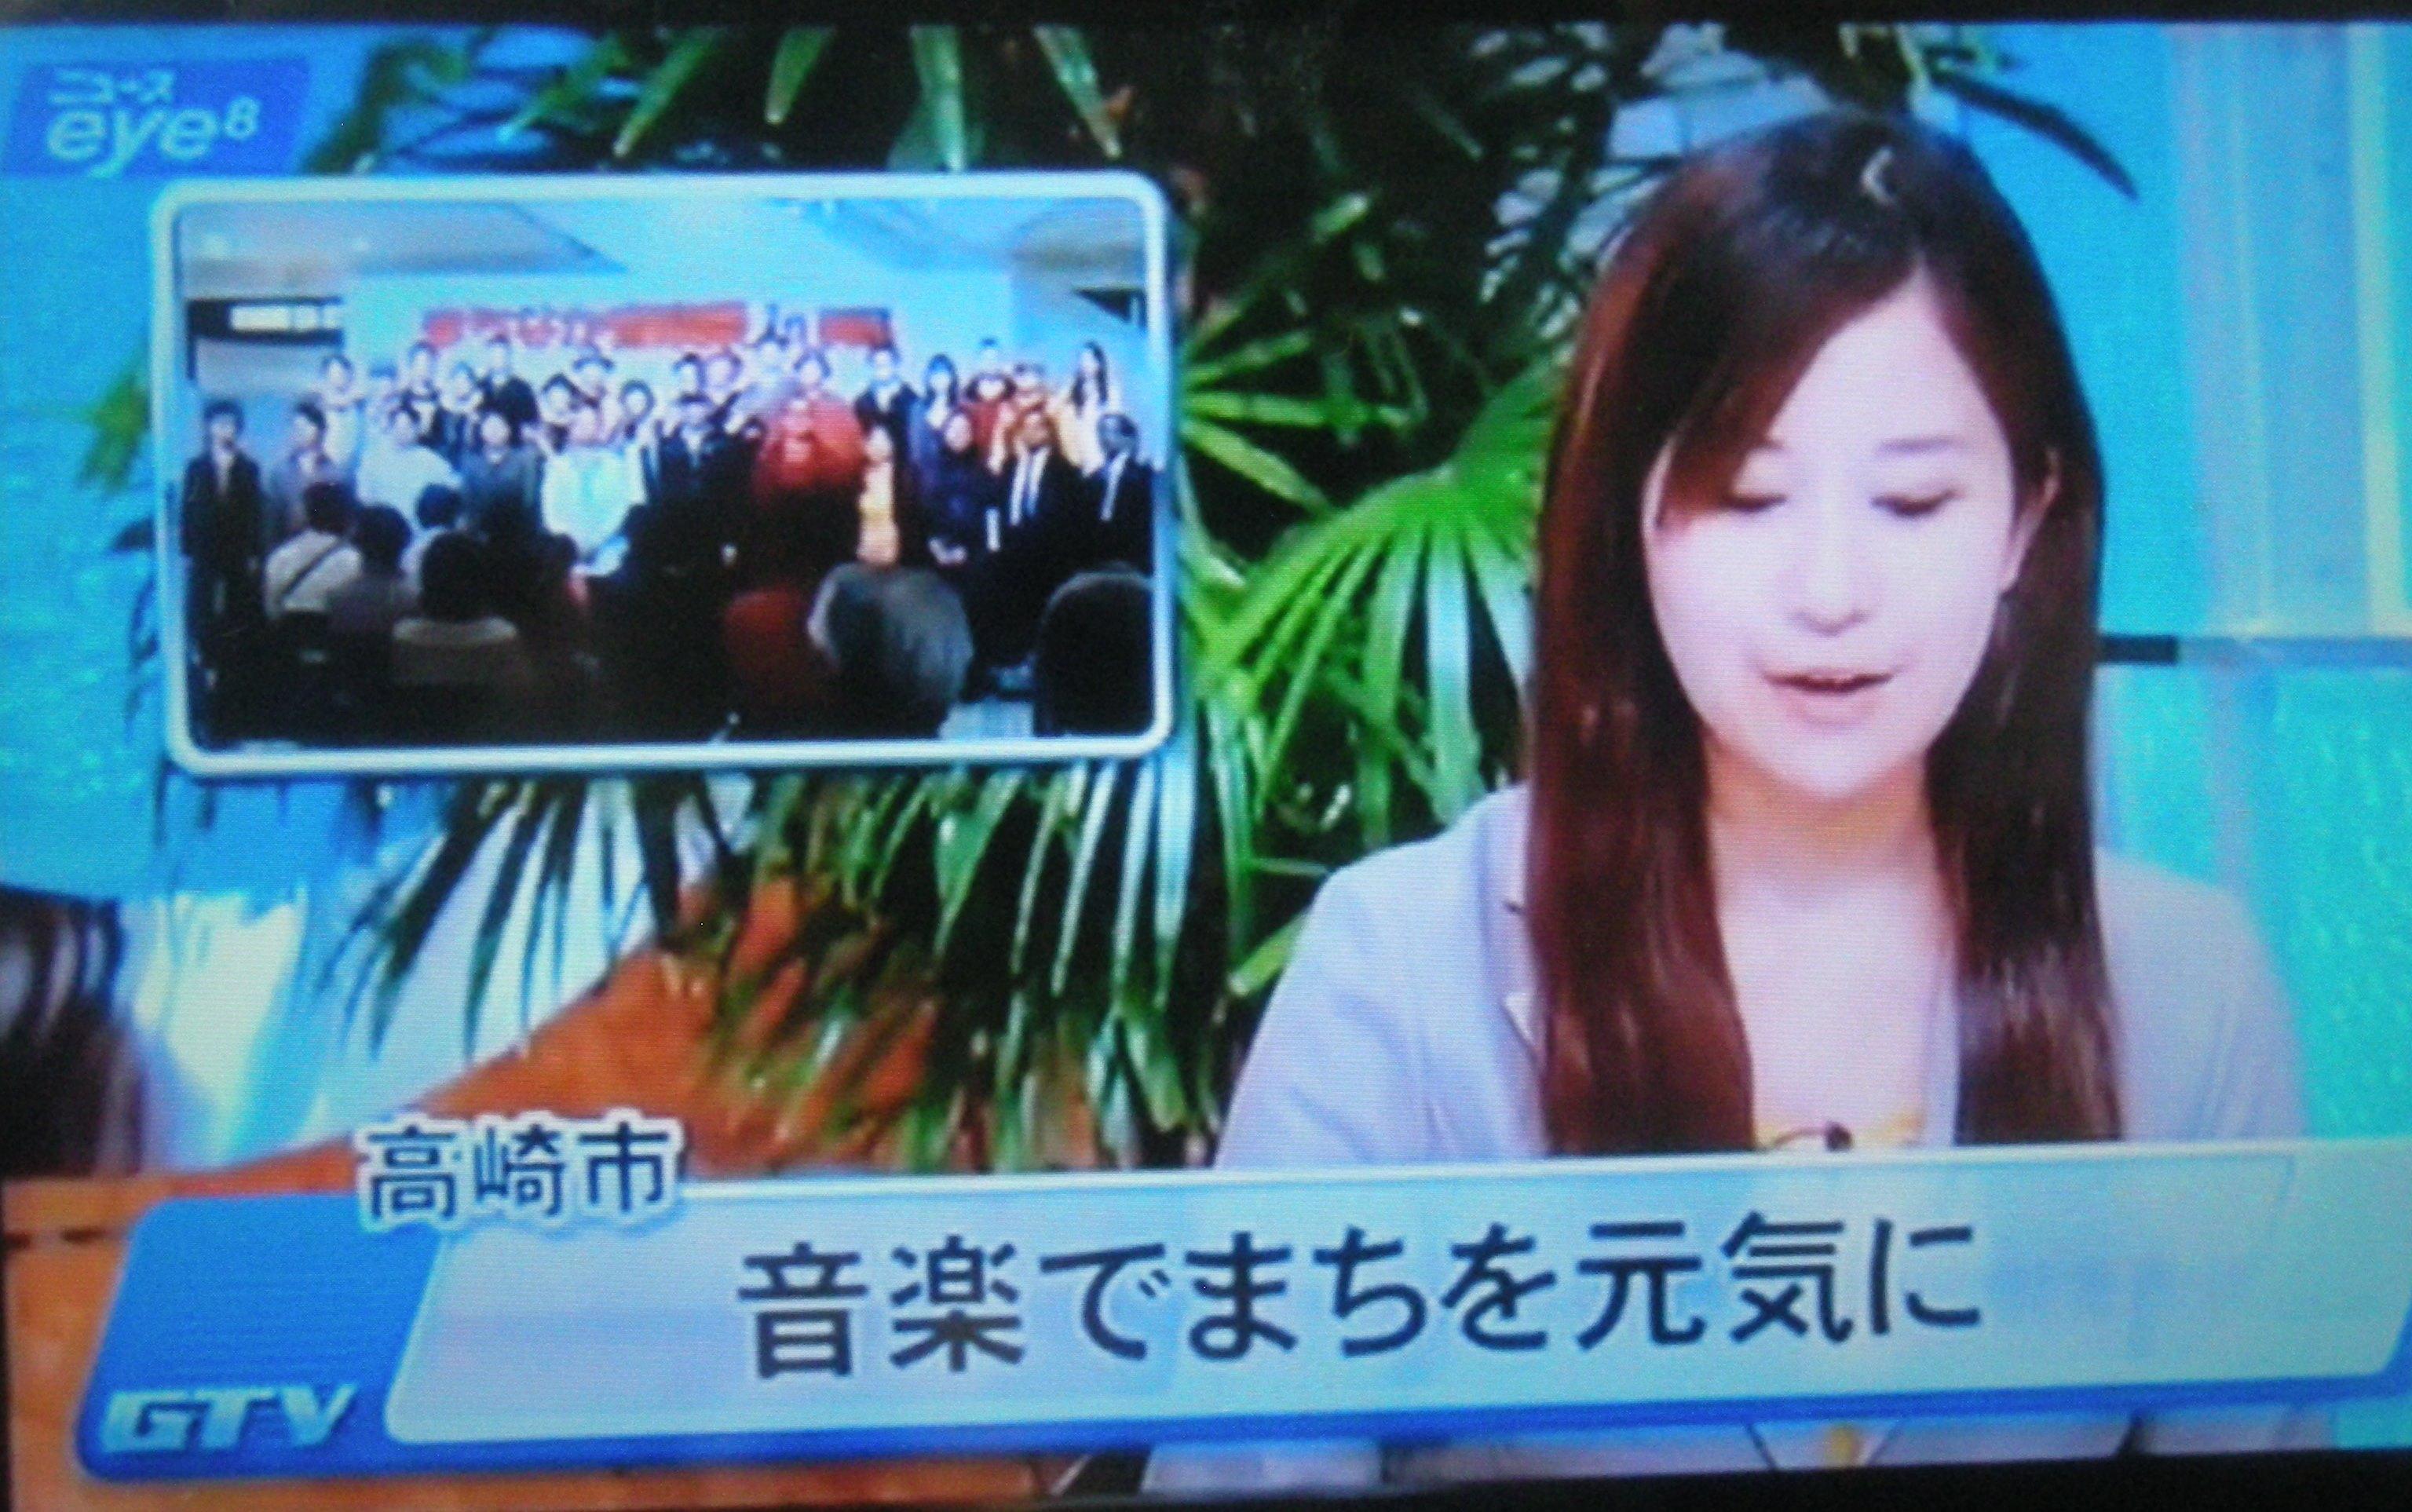 テレビ ニュース 群馬